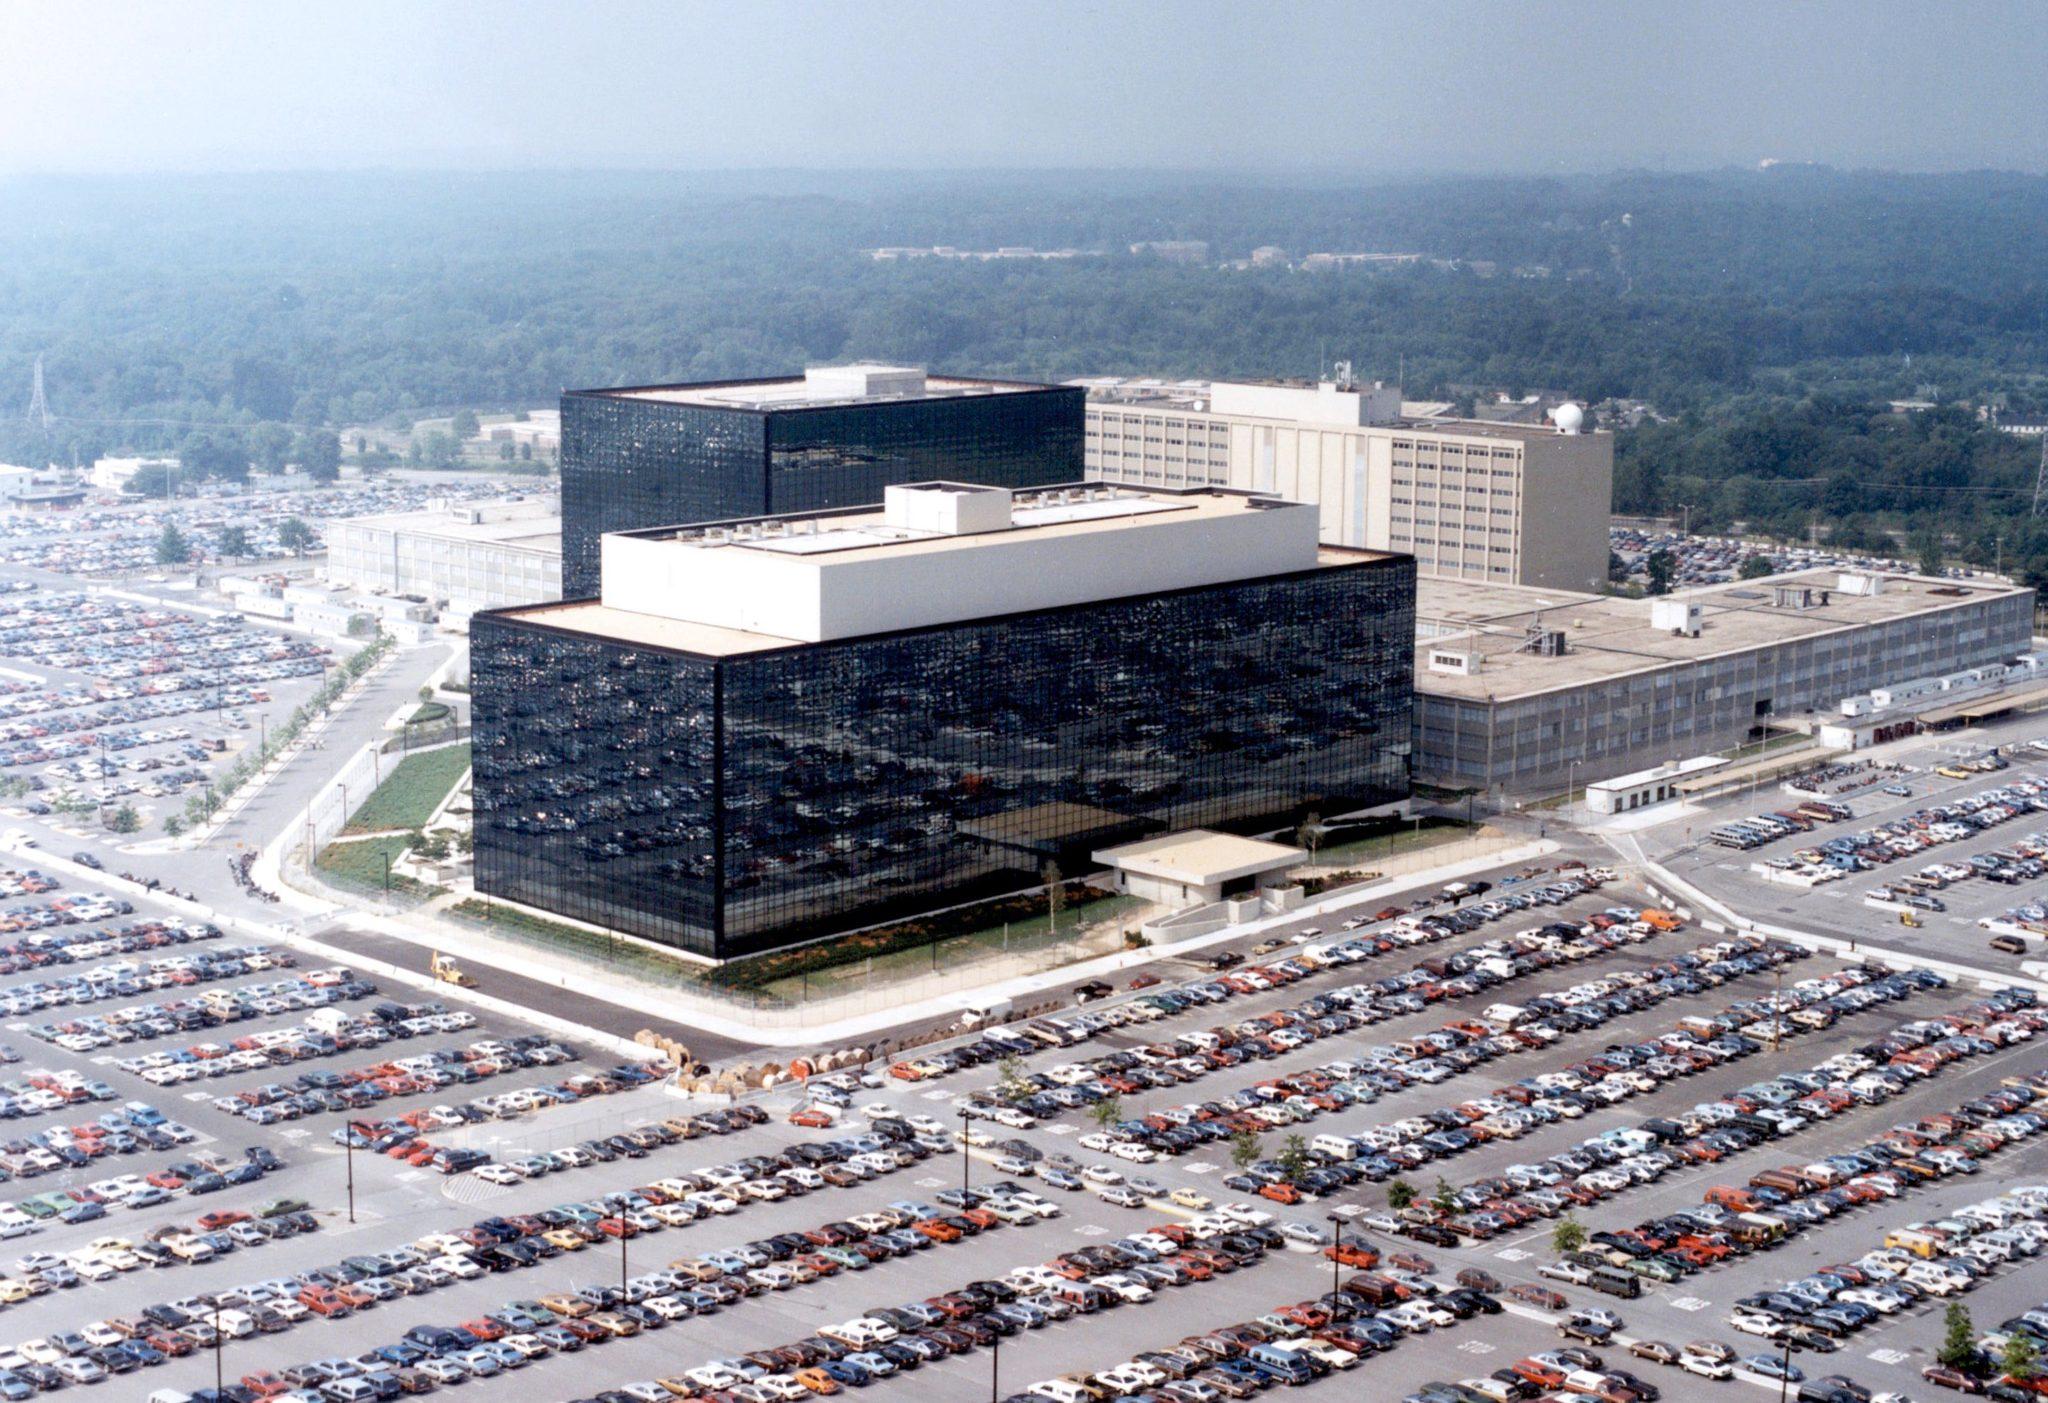 Das Zentrum der Bespitzelung: Im Hauptquartier der NSA in Fort Meade in Maryland beschäftigen sich unzählige Mitarbeiter mit dem Knacken Verschlüsselungen.